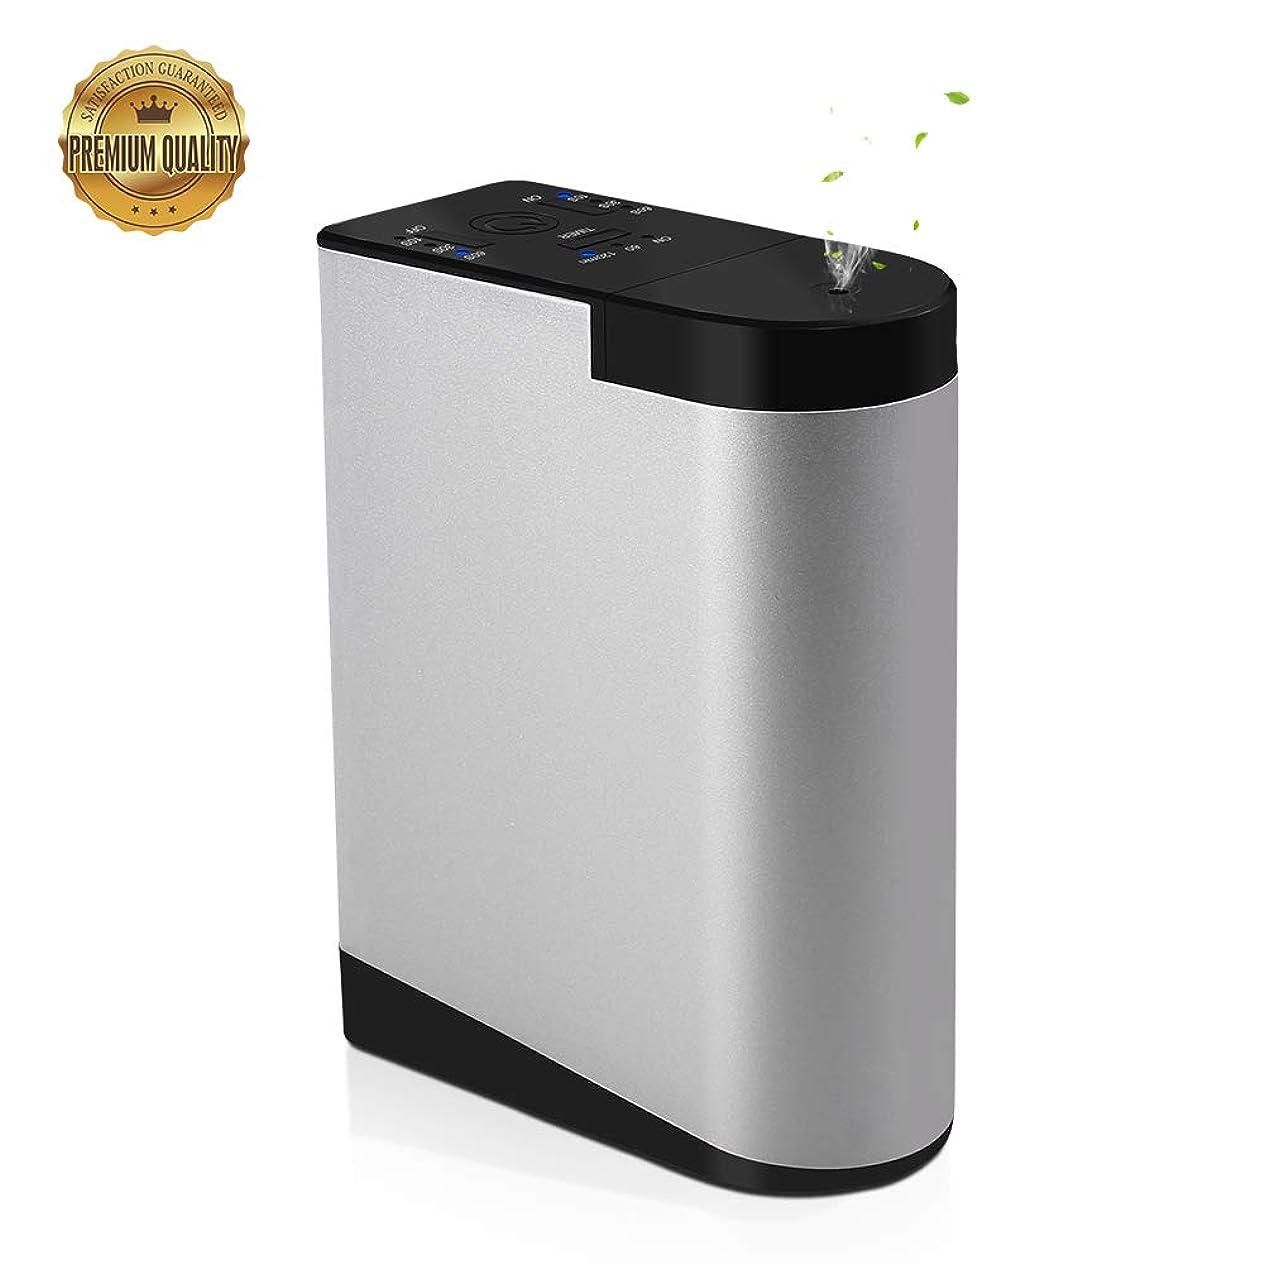 イル保証金トリクルCaseceo 水なし 電池式 エッセンシャルオイル ディフューザー充電式と可搬式 家、ビジネス、オフィス 用 アルミニウム合金